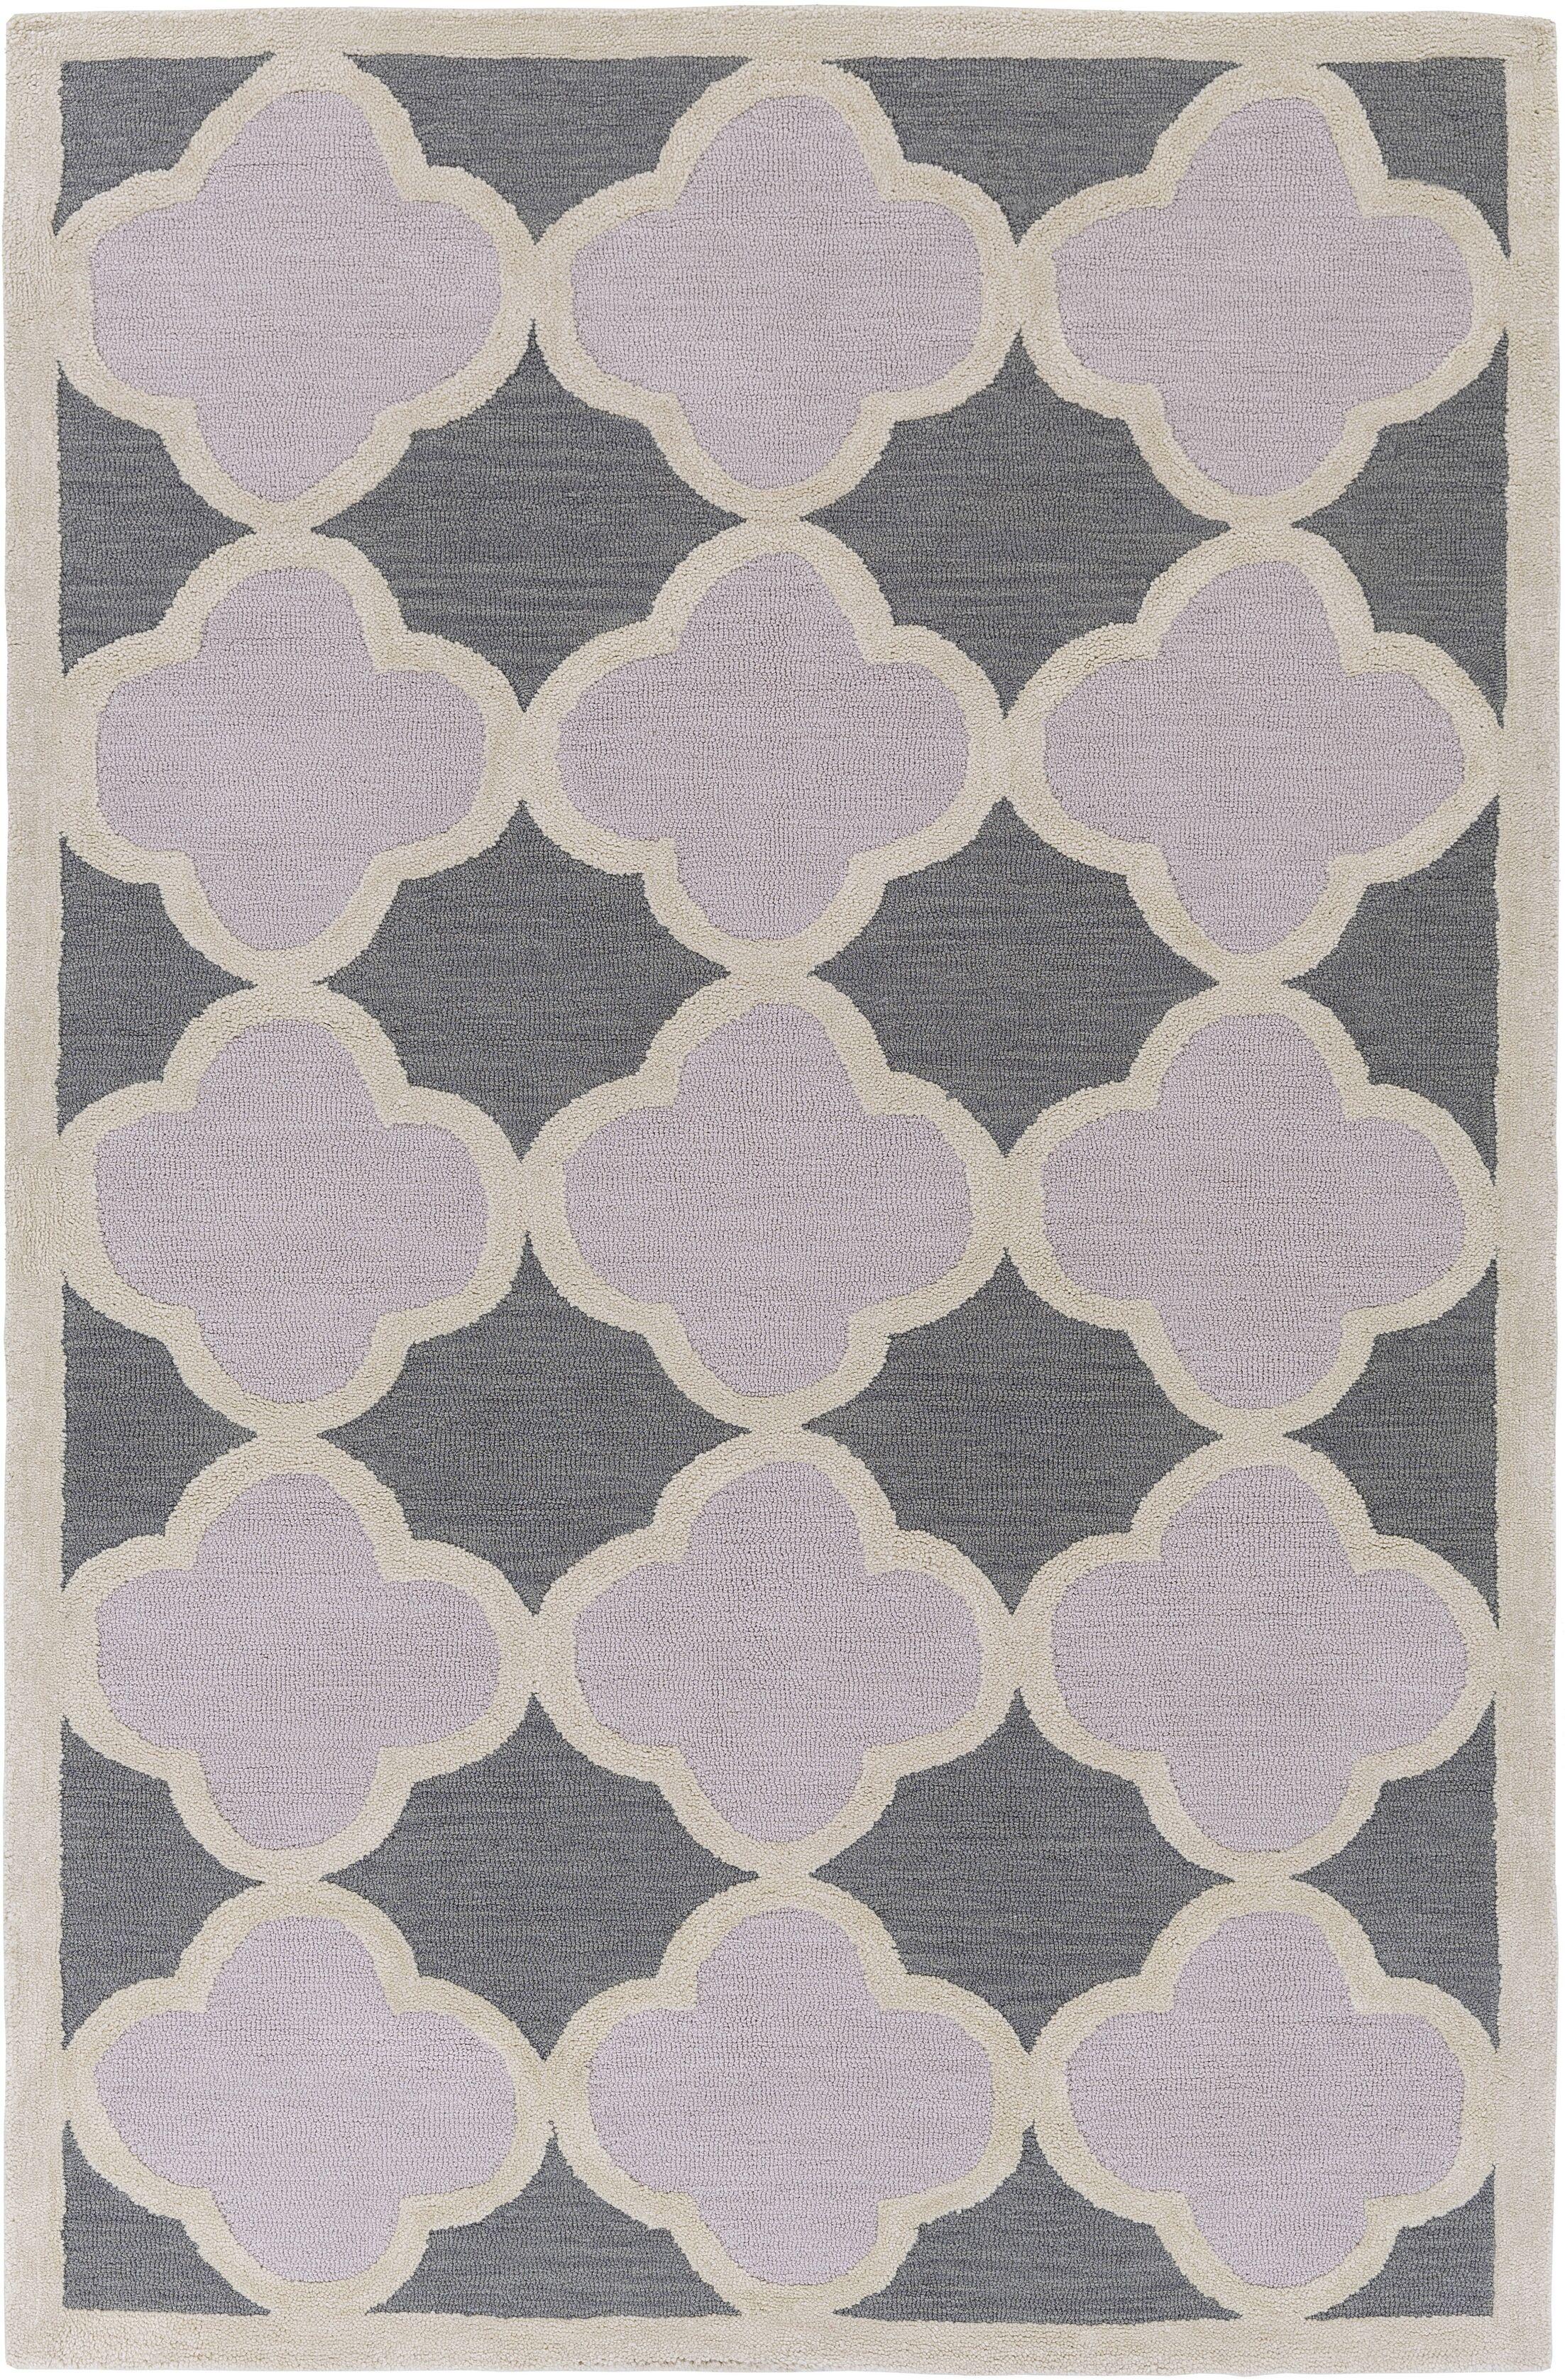 Corson Charcoal/Light Gray Area Rug Rug Size: Rectangle 5' x 7'6